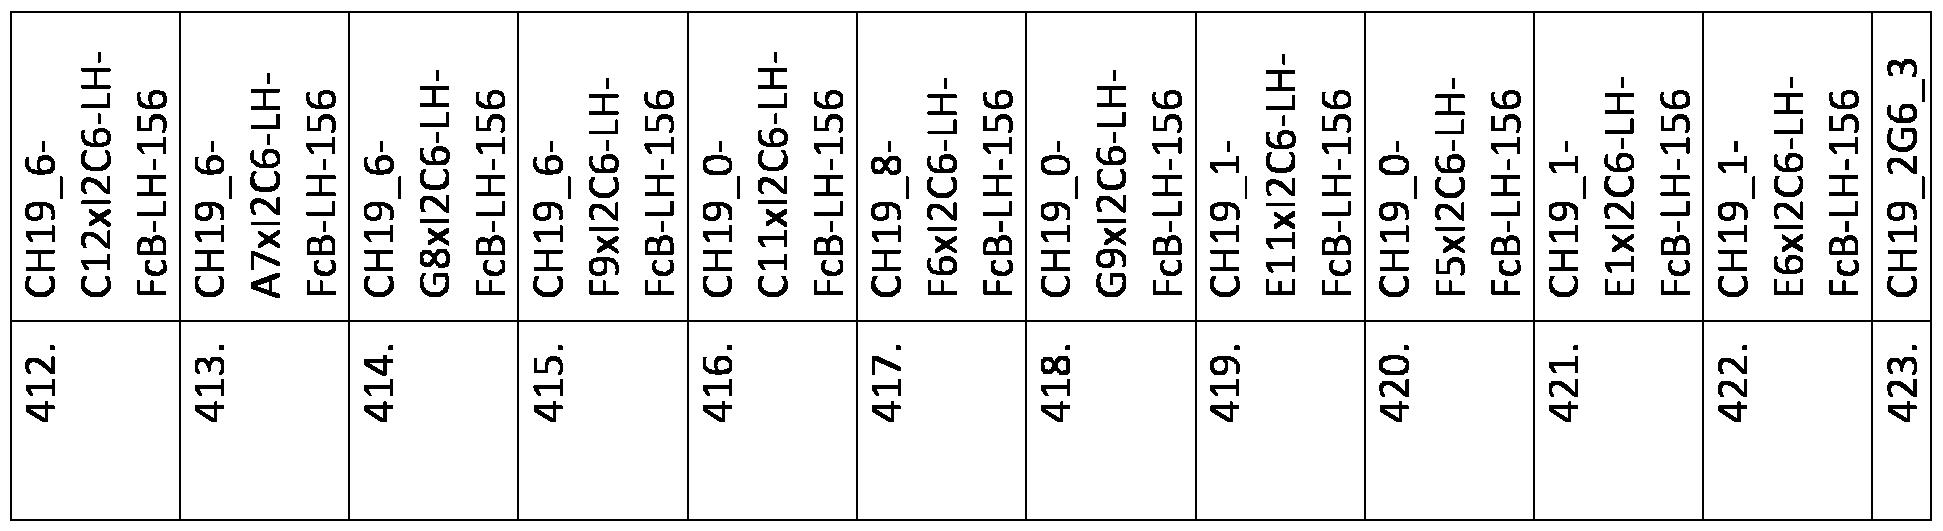 Figure imgf000098_0003